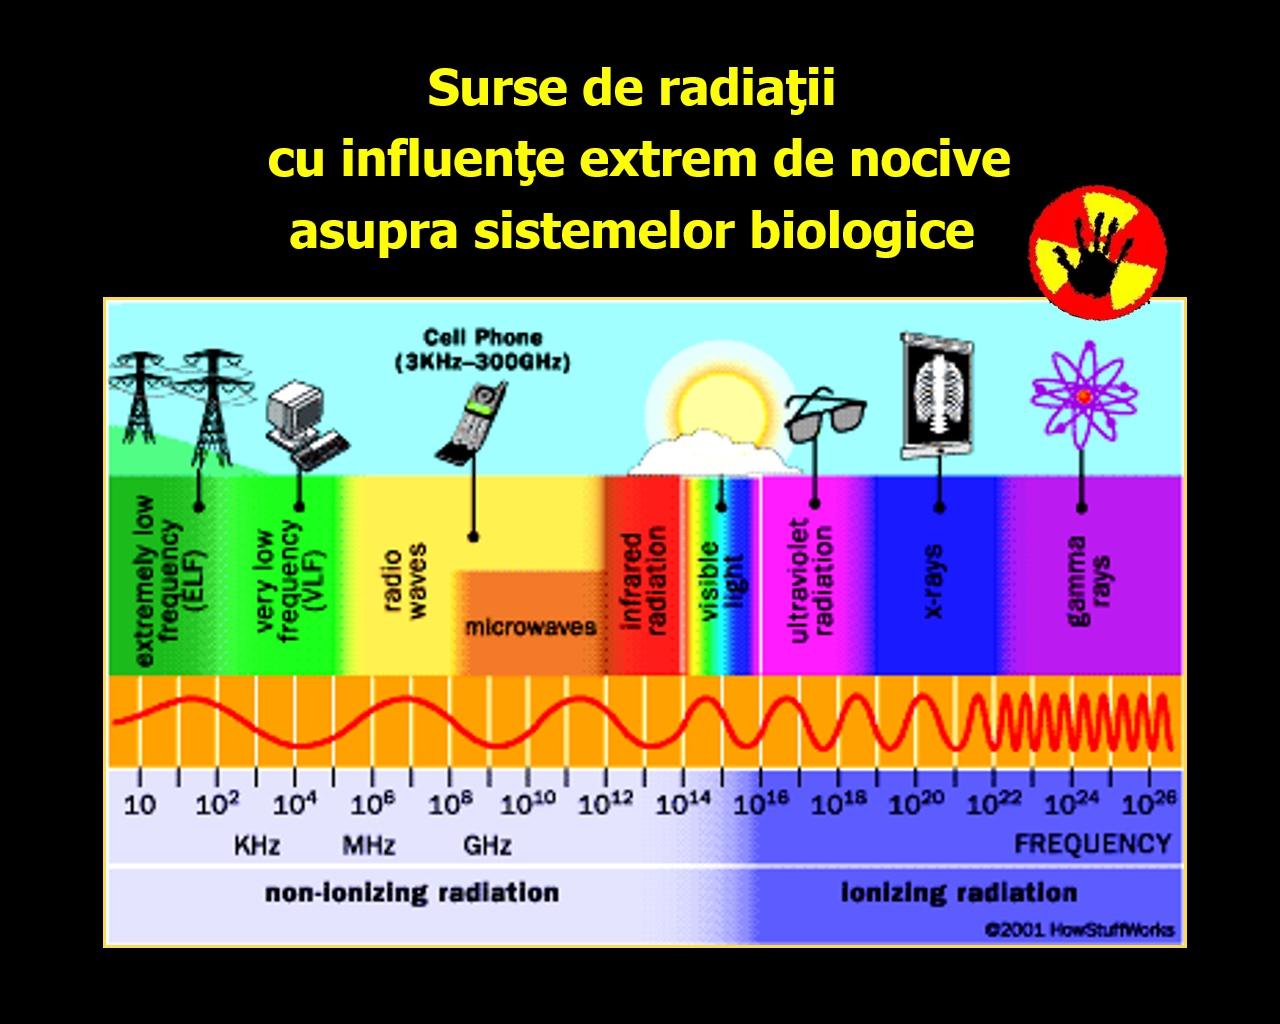 efecte-negative-impact-nociv-radiatii-electromagnetice-nocive-toxice-telefon-mobile-calculator-smartphone-cuptor-microunde-boli-creier-sanatate-protejarea-sanatatii-de-radiatii-sta